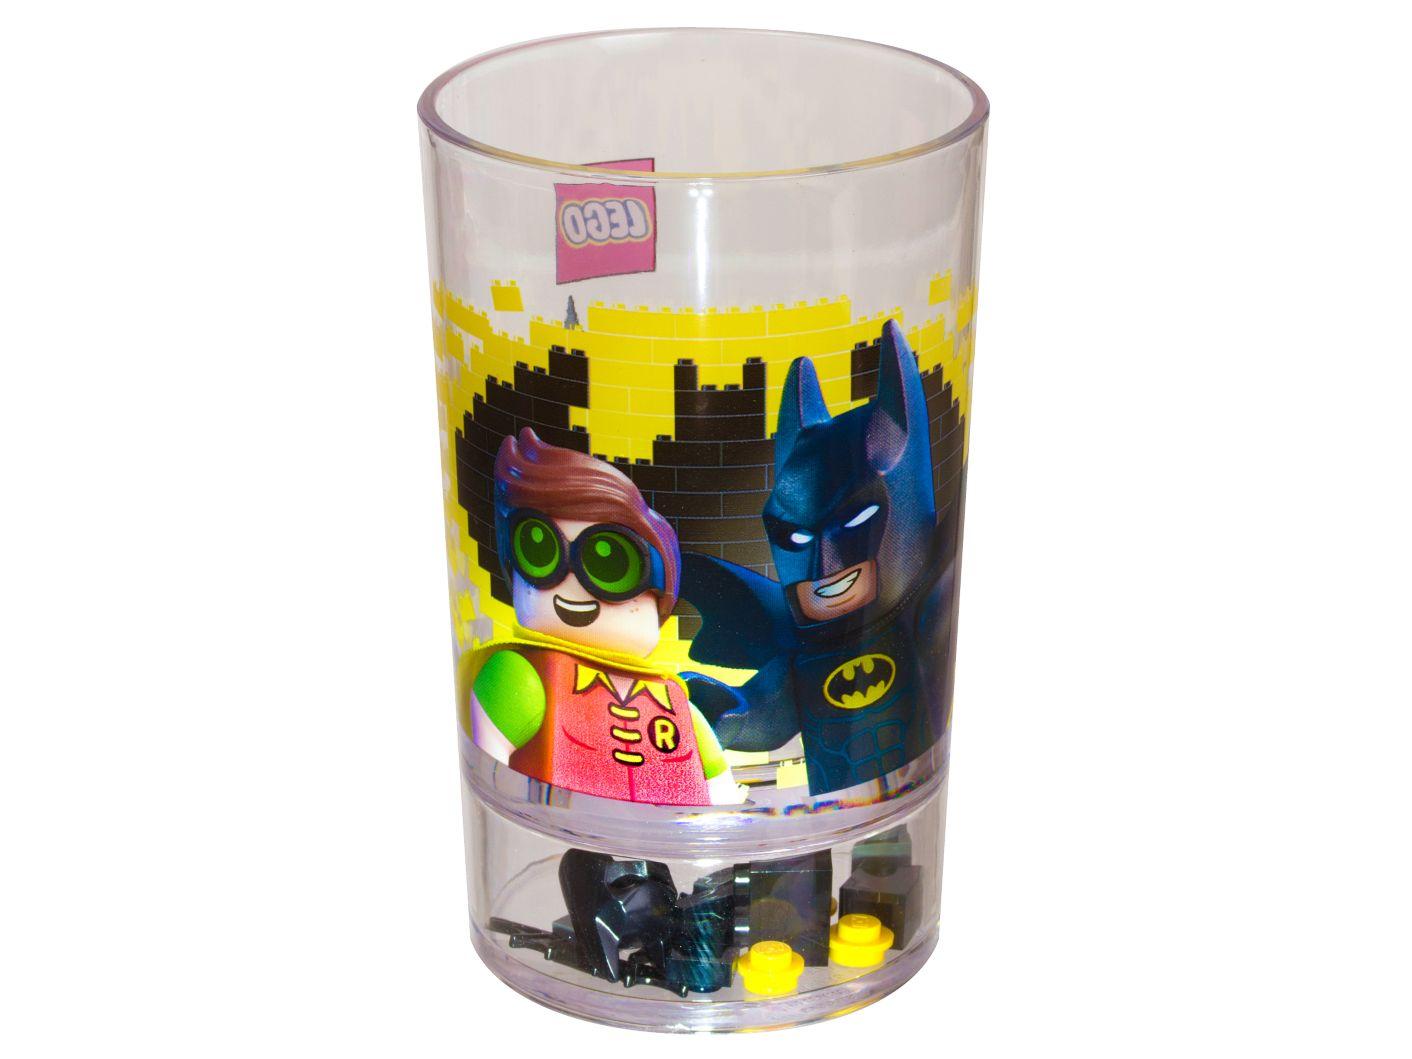 The Lego Batman Movie Batman Tumbler 853639 The Lego Batman